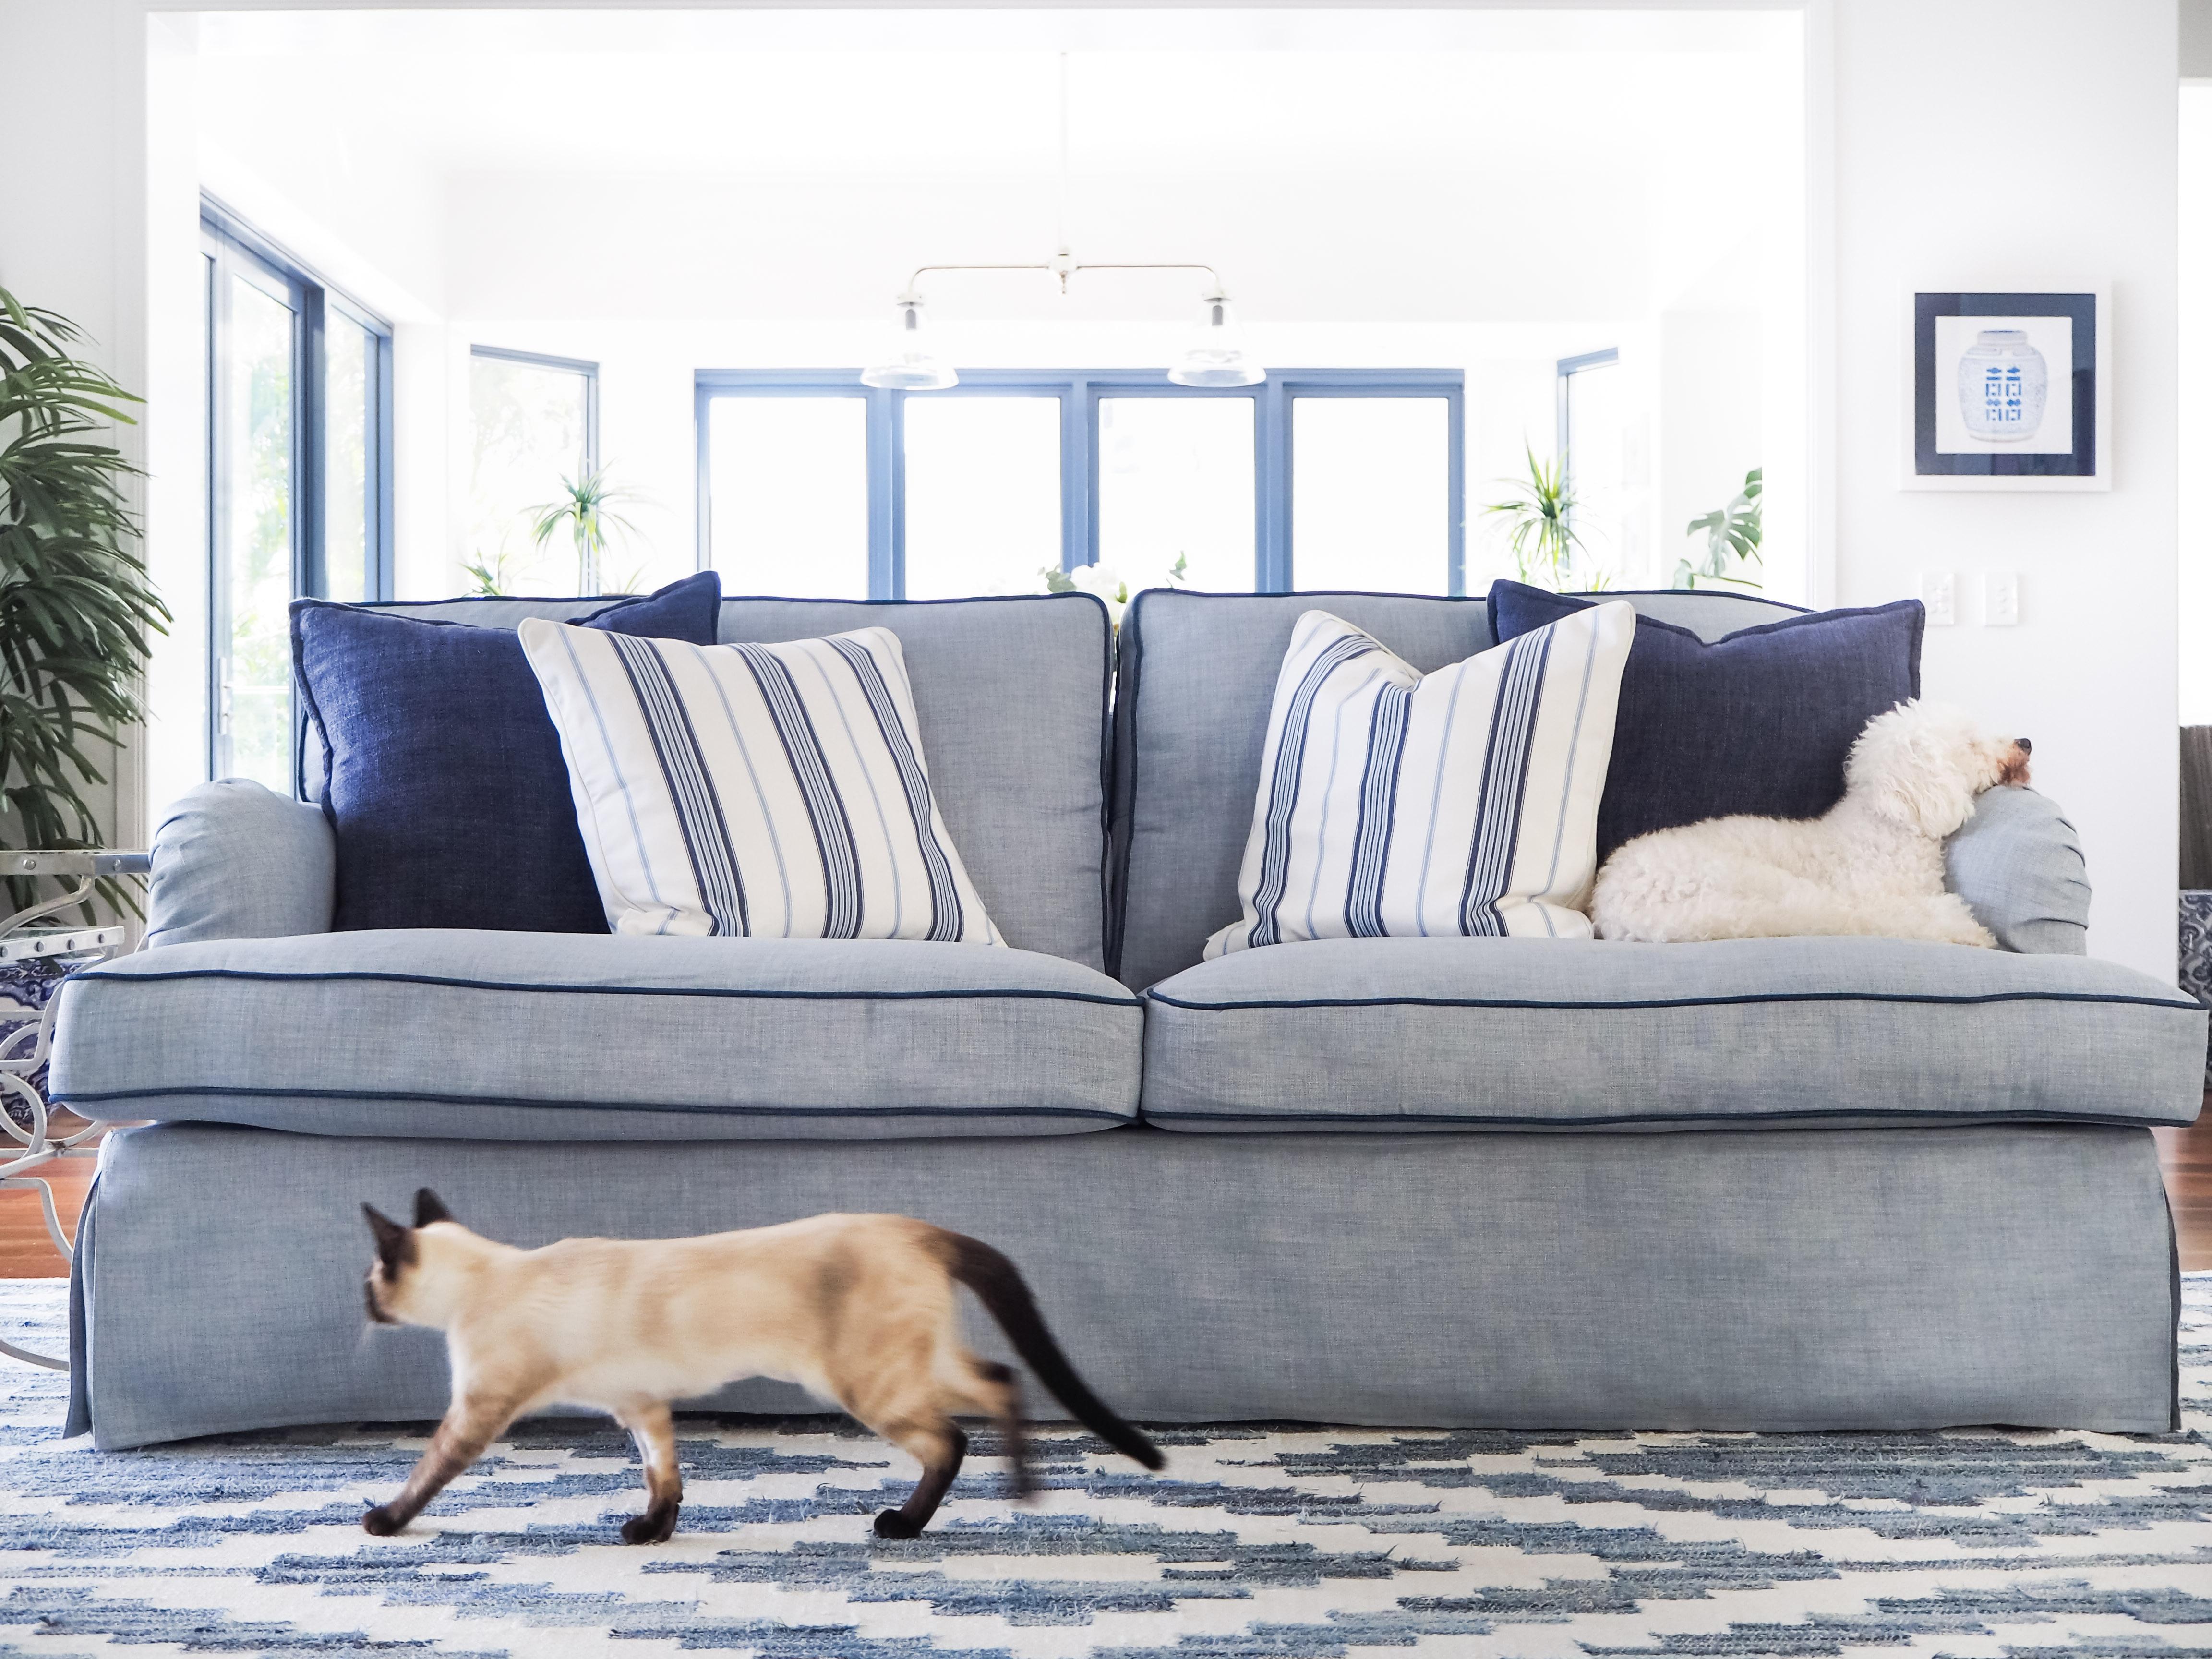 人気のKinoシリーズはペットやお子さんのいるご家庭でも安心して使っていただけるよう耐久性に優れています。